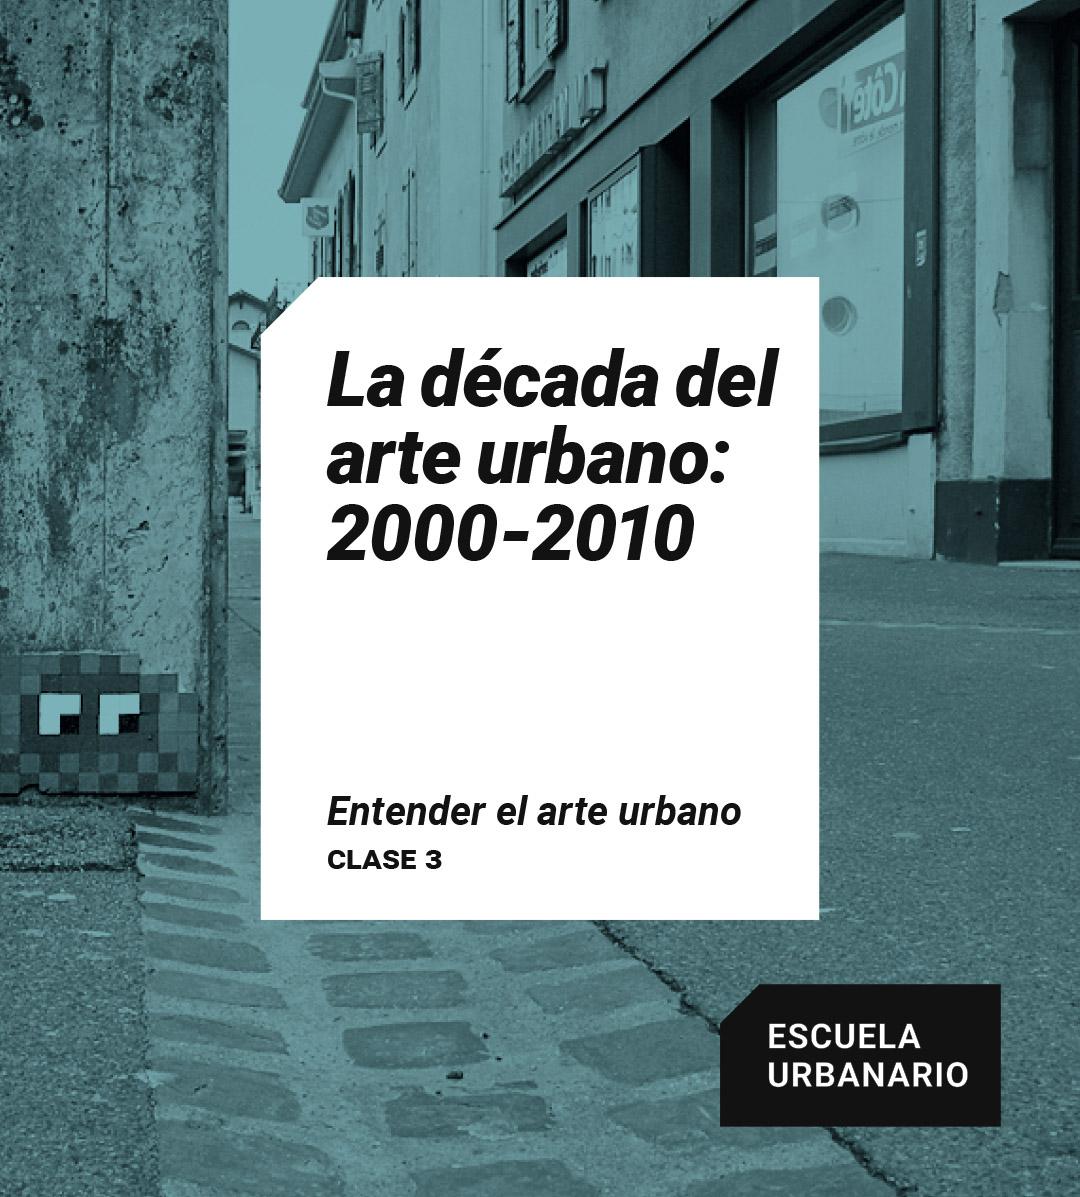 La década del arte urbano